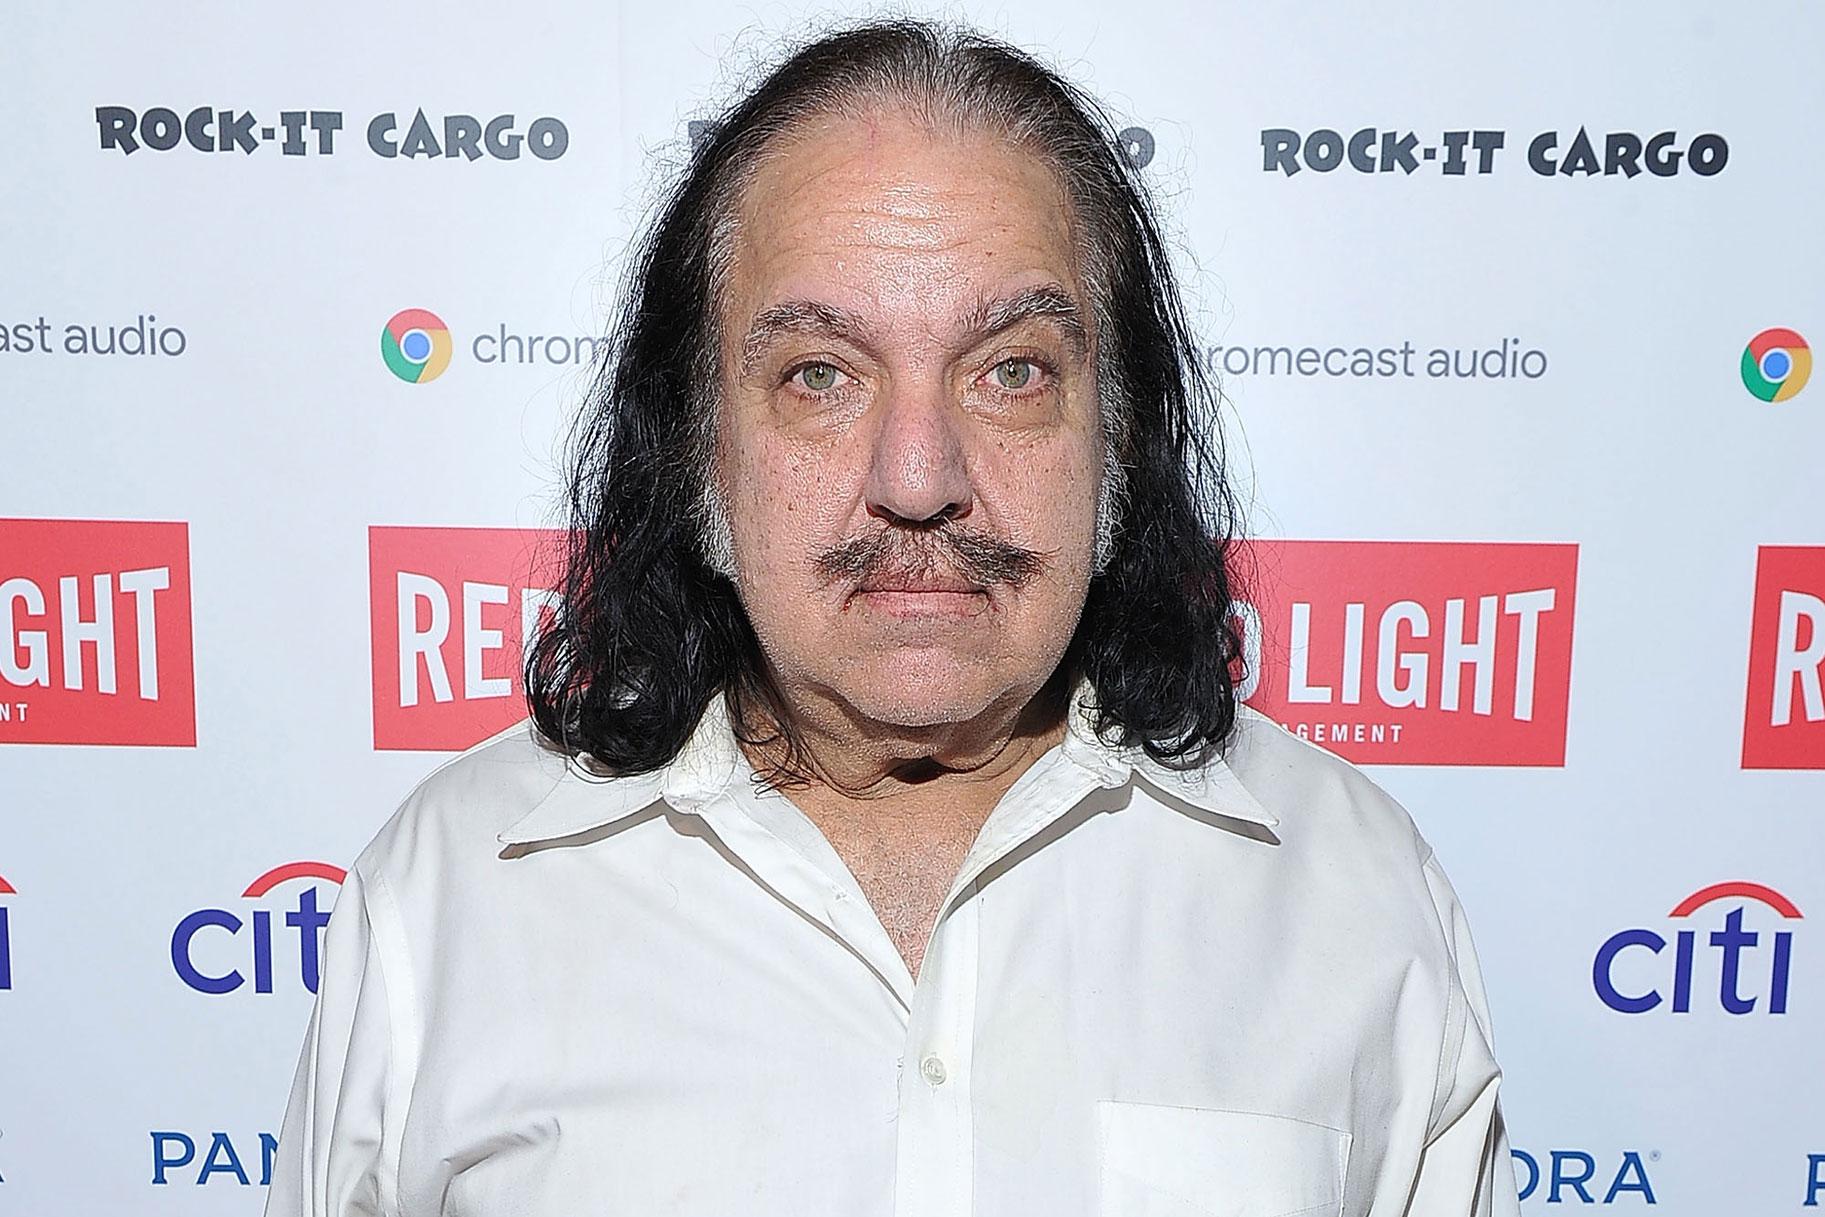 Ngôi sao phim người lớn Ron Jeremy bị buộc tội hiếp dâm 3 phụ nữ, tấn công tình dục người khác